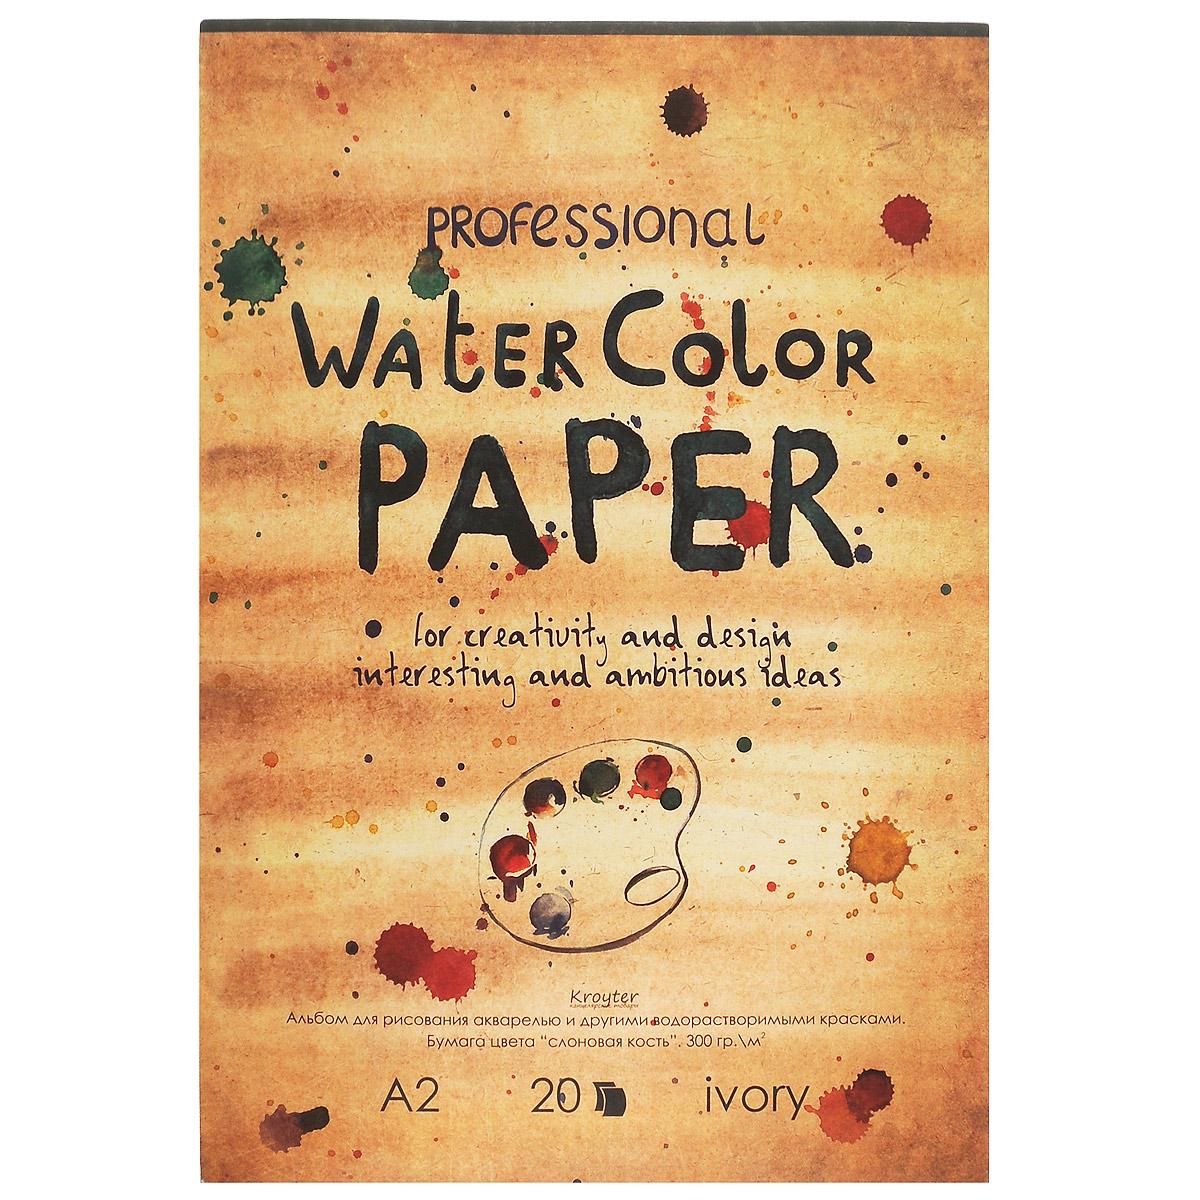 Альбом для акварели Kroyter, 20 листов, формат А2. 0648706487Альбом для рисования акварелью Kroyter изготовлен из высококачественной бумаги, что позволяет карандашам, фломастерам и краскам ровно ложиться на поверхность и не растекаться по листу. Рисование в таких альбомах доставит маленьким художникам максимальное удовольствие. Обложка выполнена из мелованного картона с клеевым креплением. Рисование позволяет развивать творческие способности, кроме того, это увлекательный досуг.Плотность: 300 г/м2.